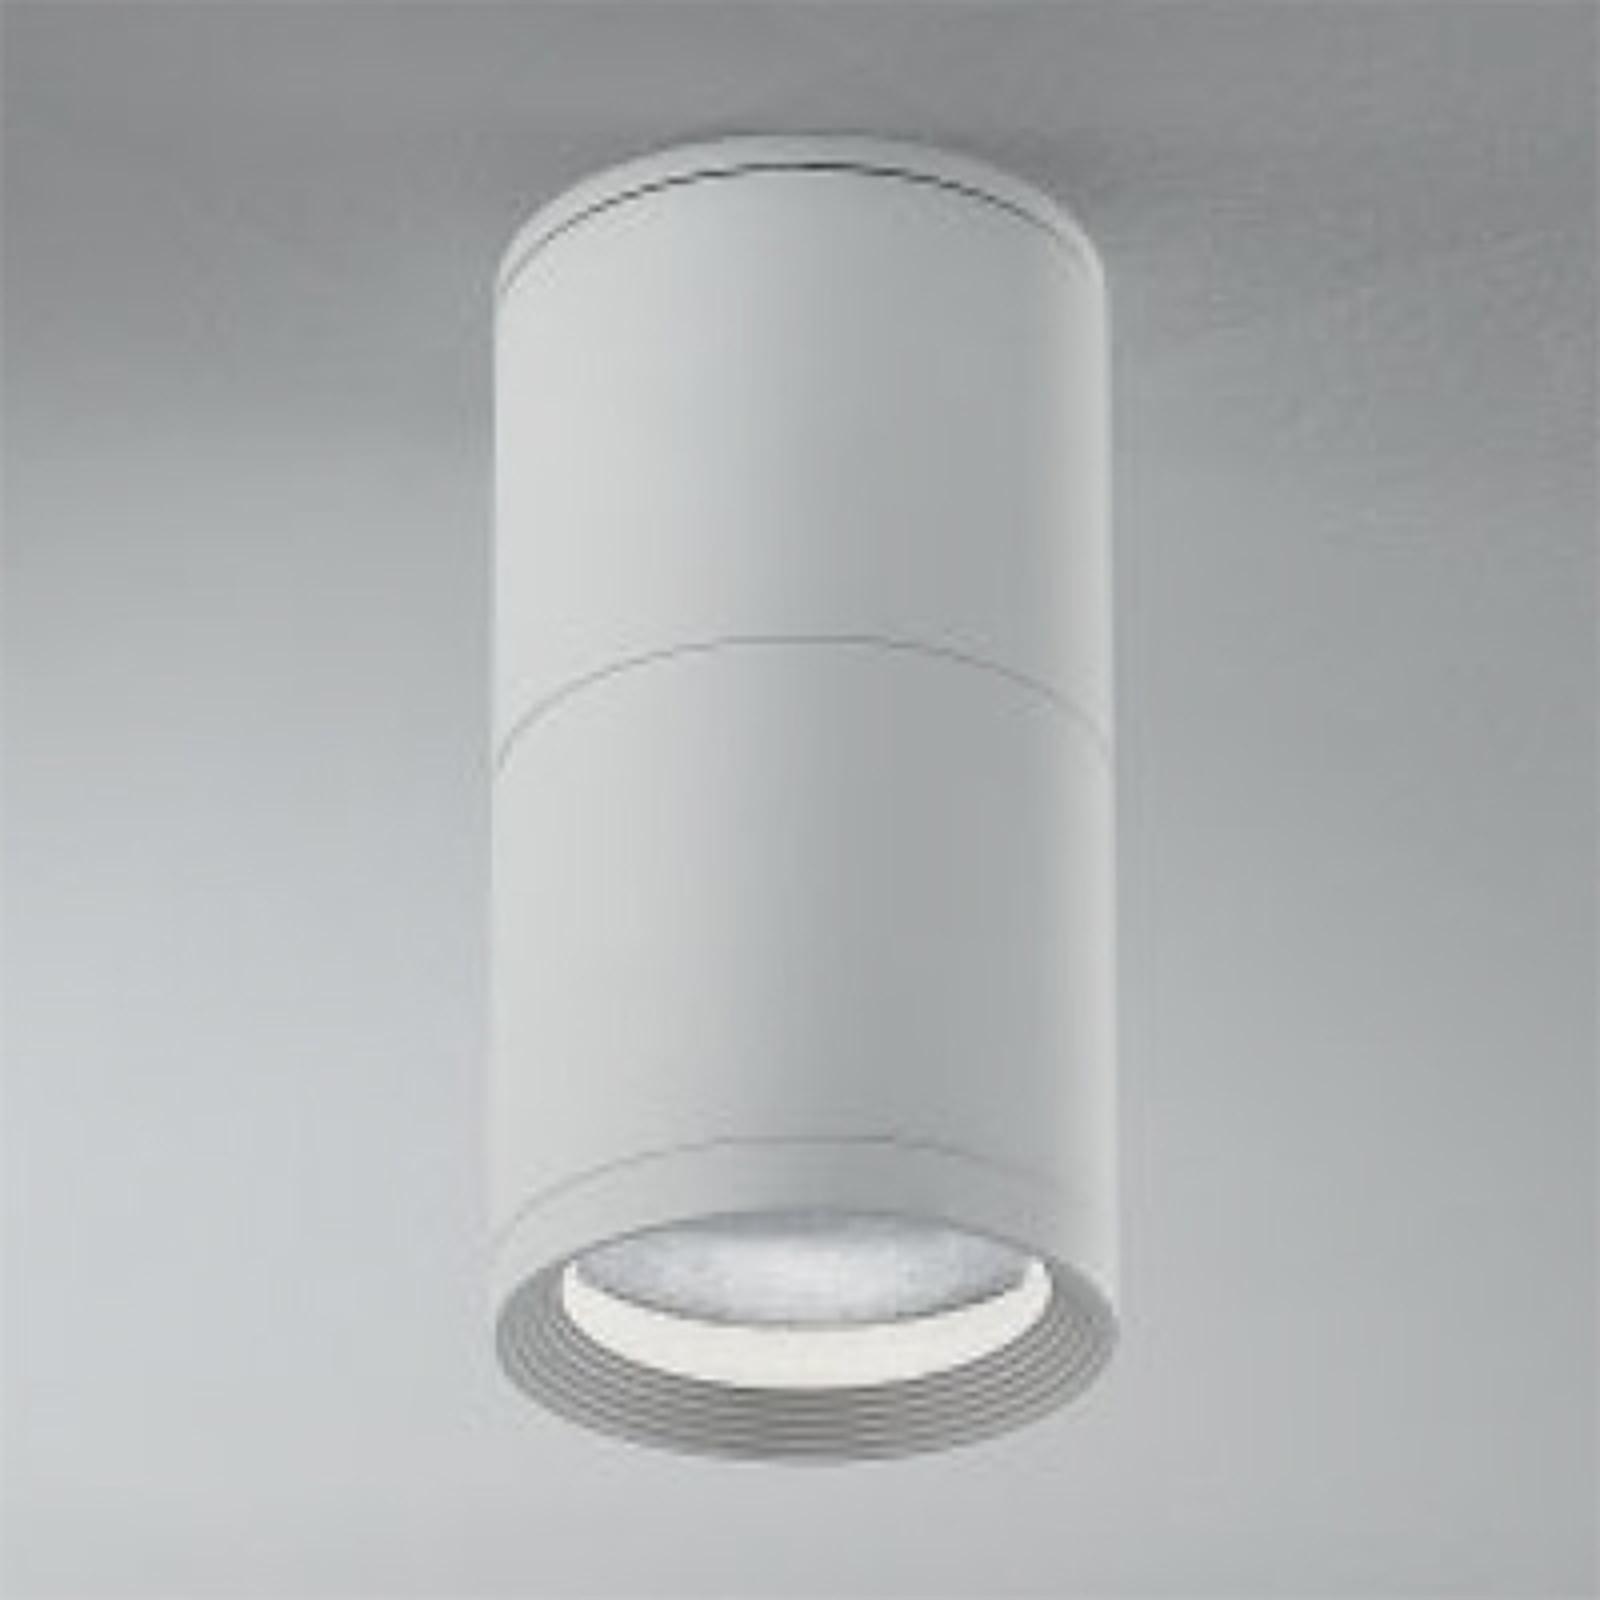 Nowoczesny reflektor sufitowy CL 15 biały